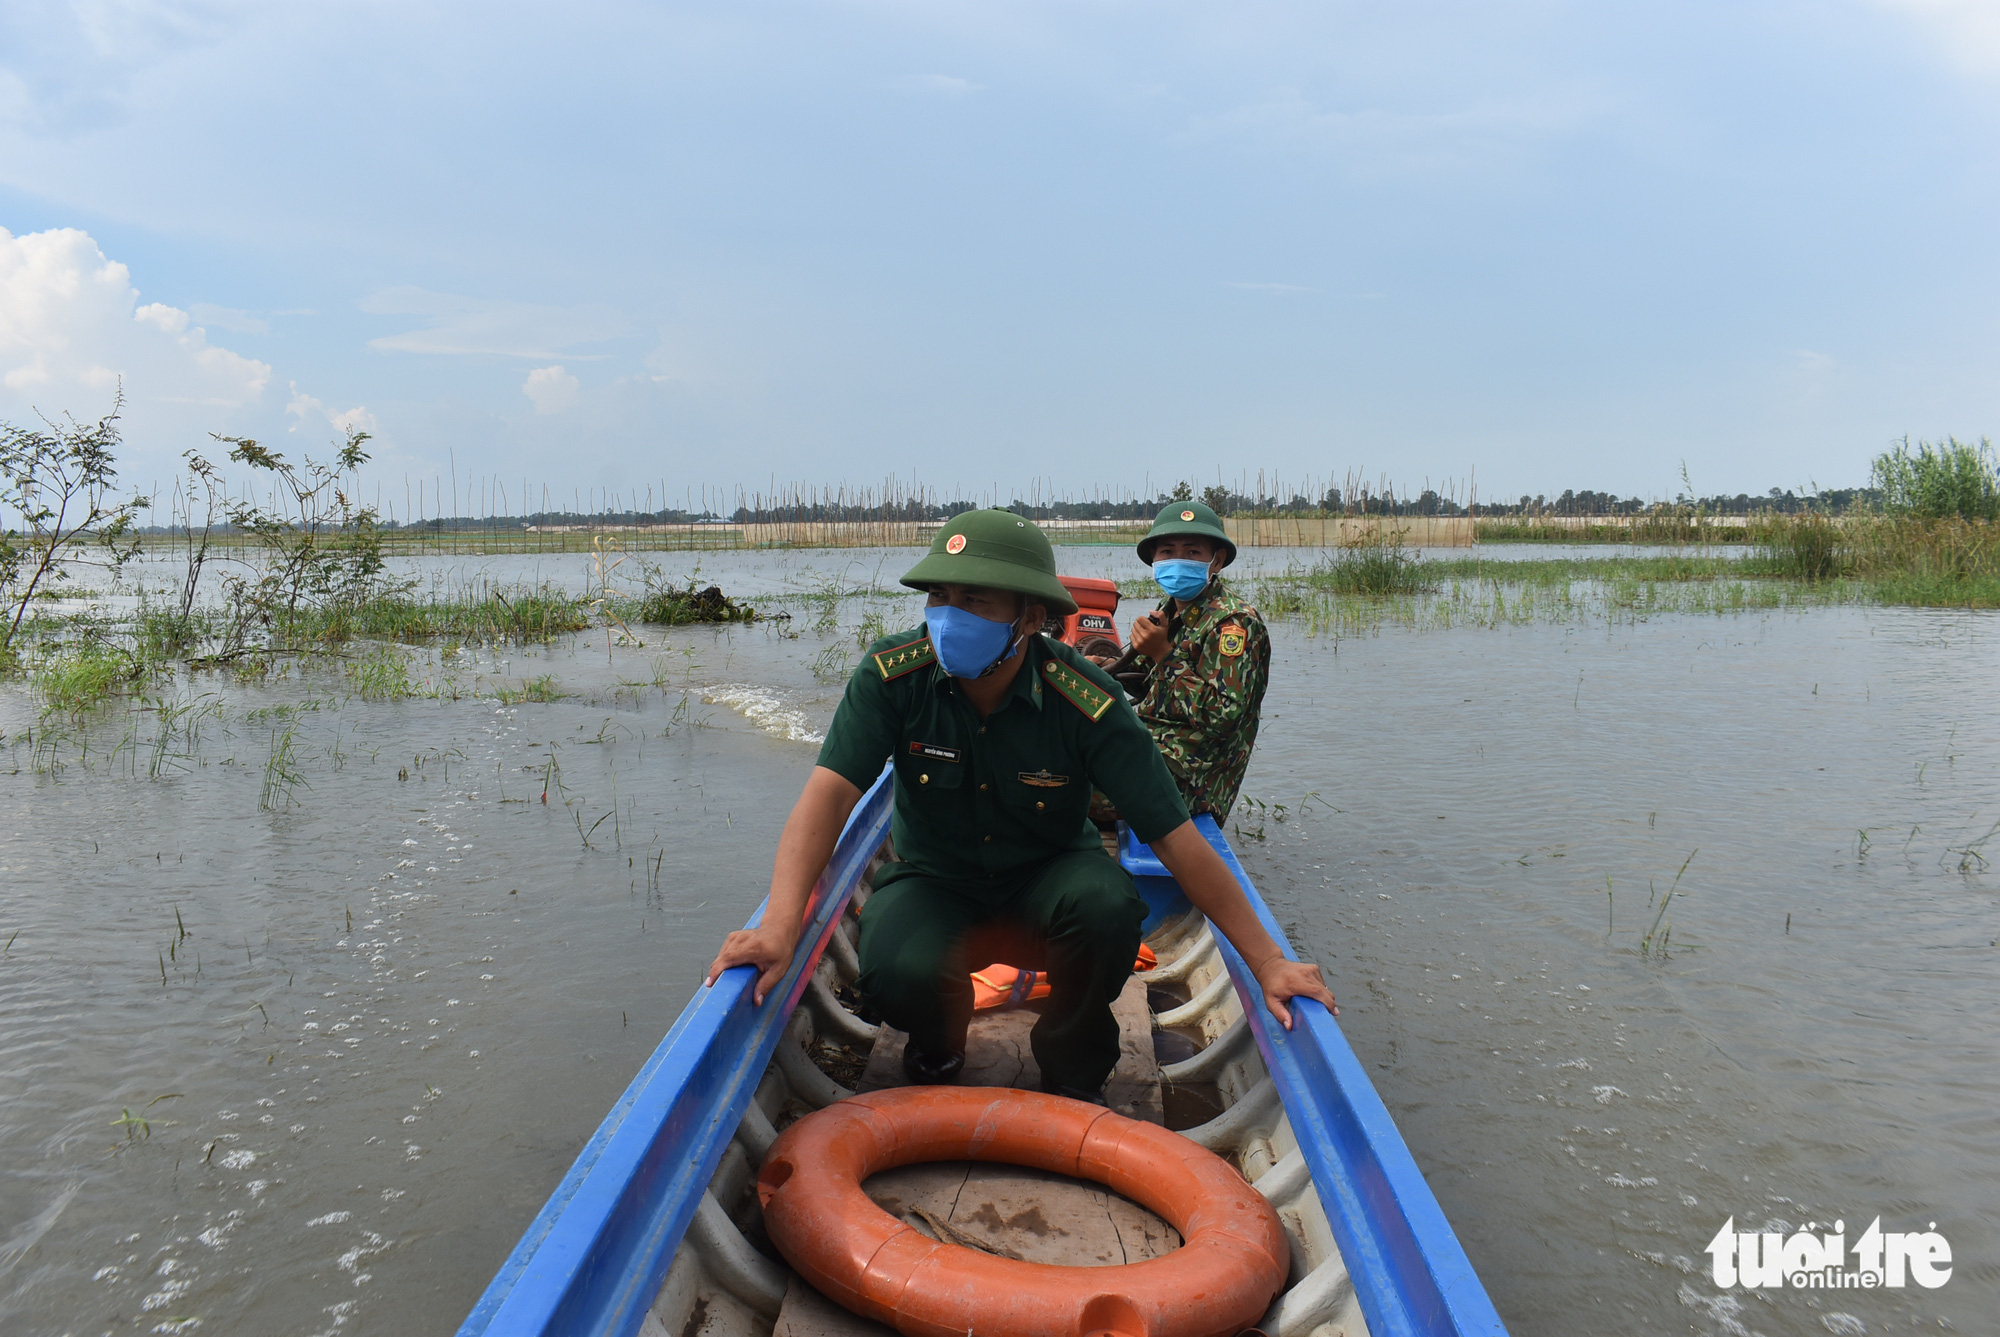 Nước lũ đã tràn đồng giáp biên giới Campuchia, chưa thấy cá tôm - Ảnh 1.